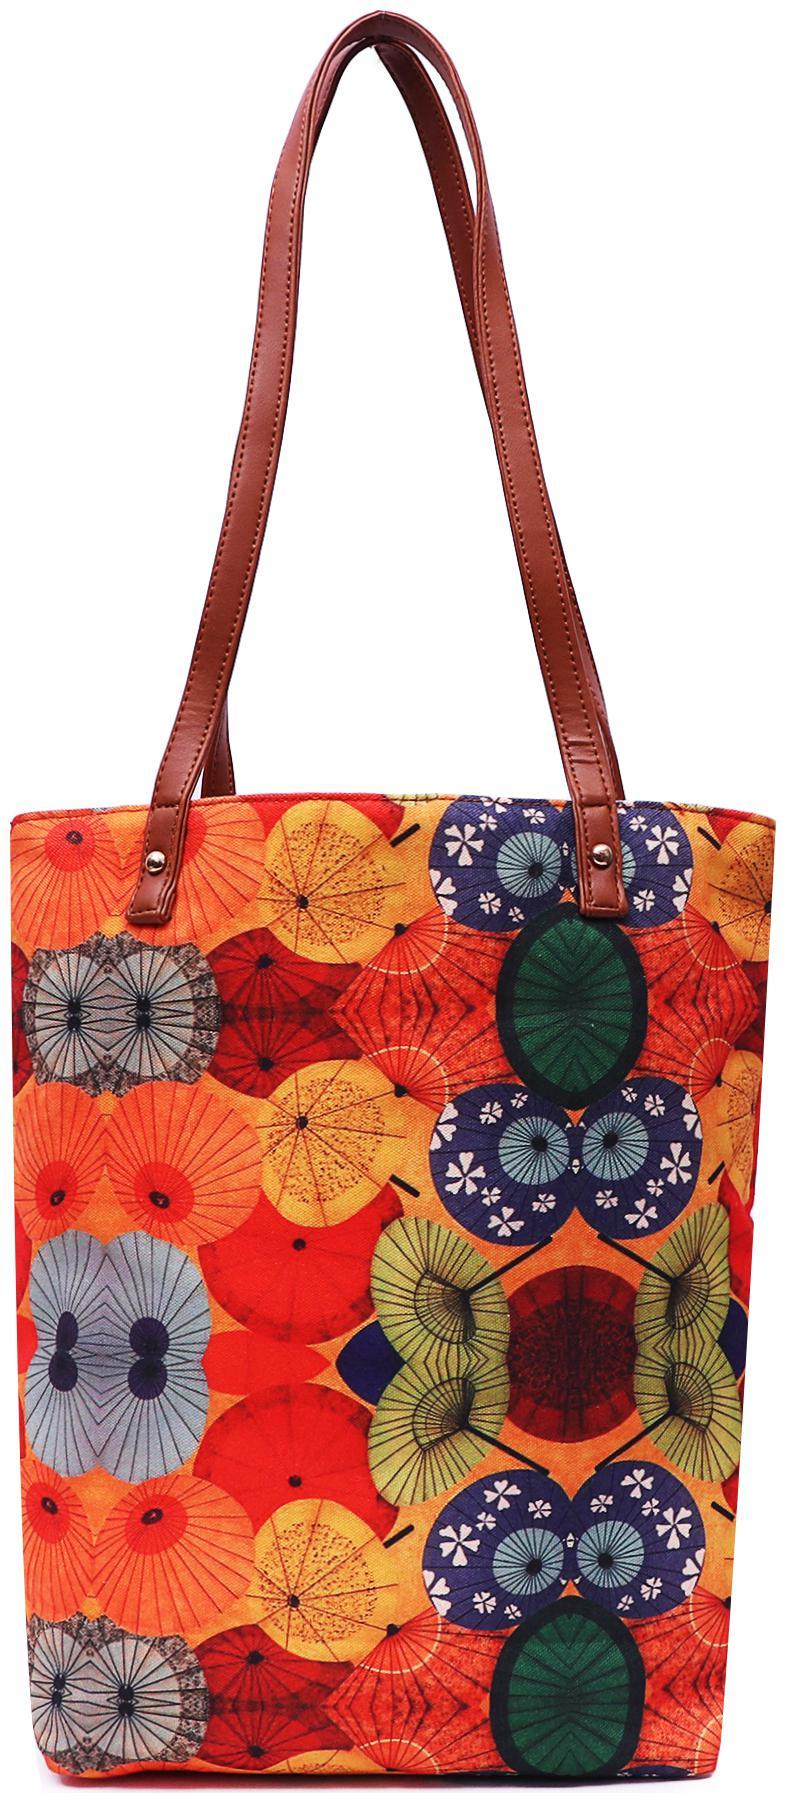 Lychee bags Orange Canvas Shoulder Bag